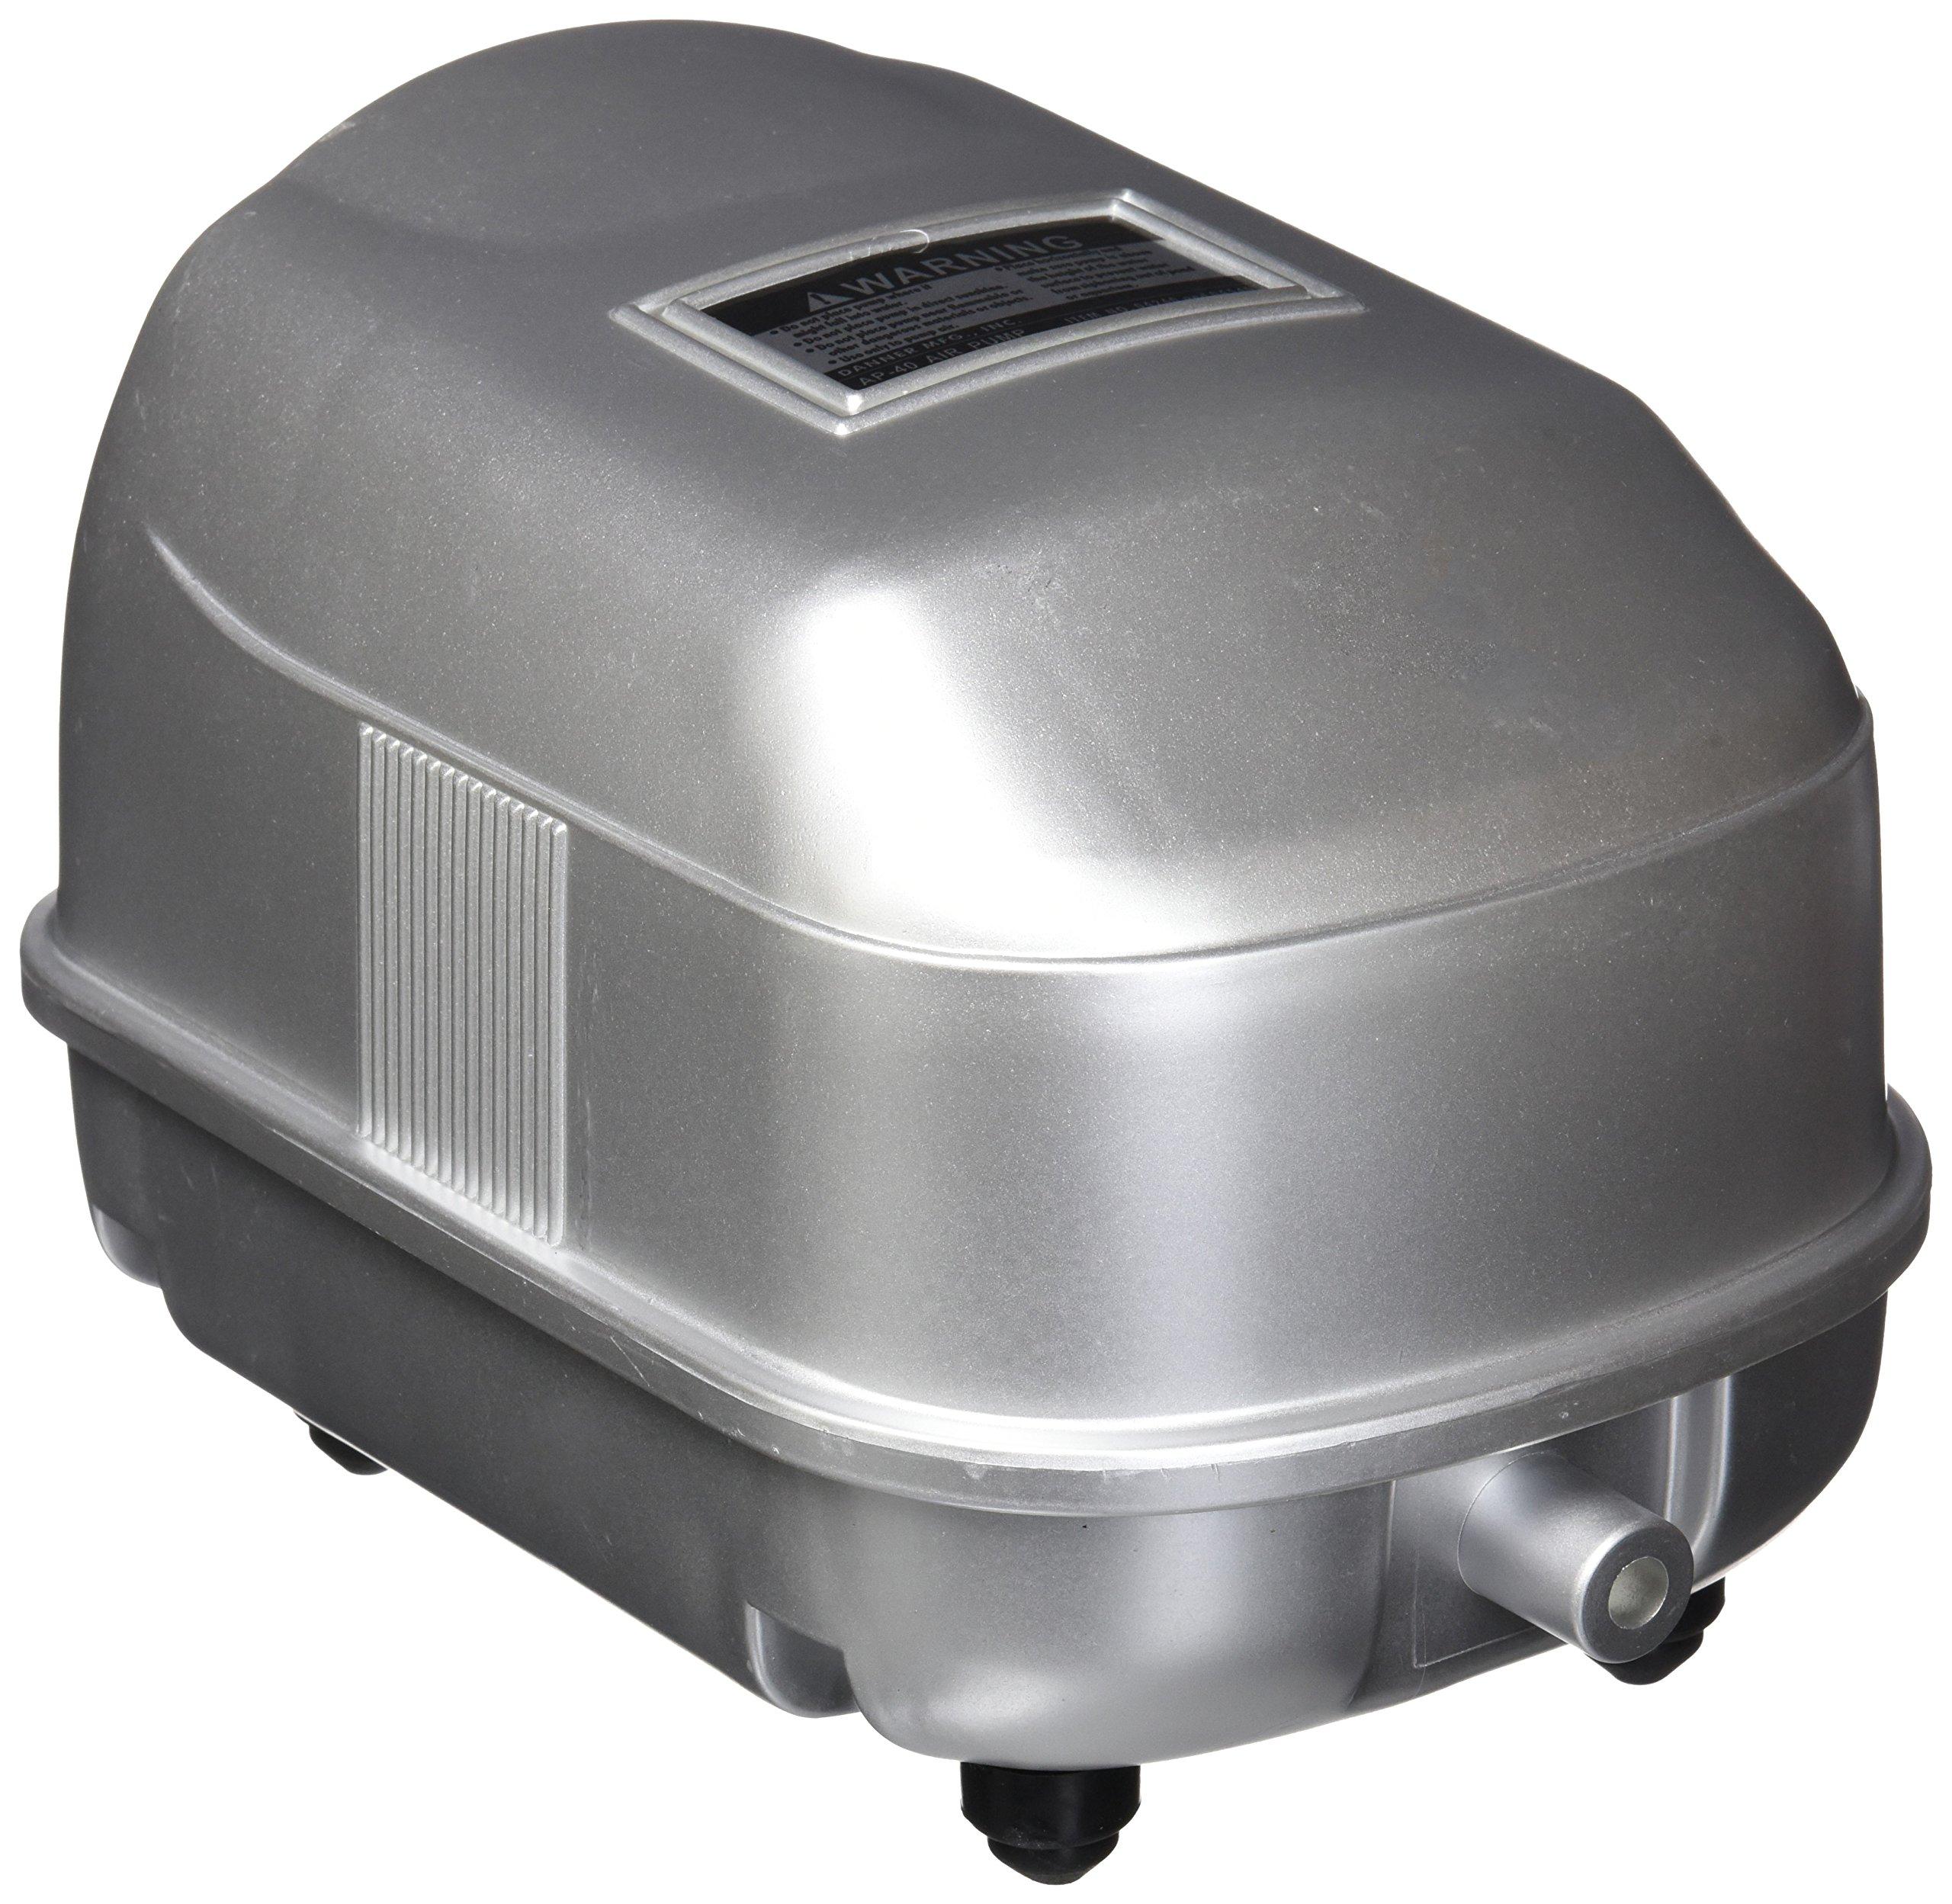 Supreme (Danner) ASP04240 AP-40 Aquarium Air Pump, 40-watt by Danner